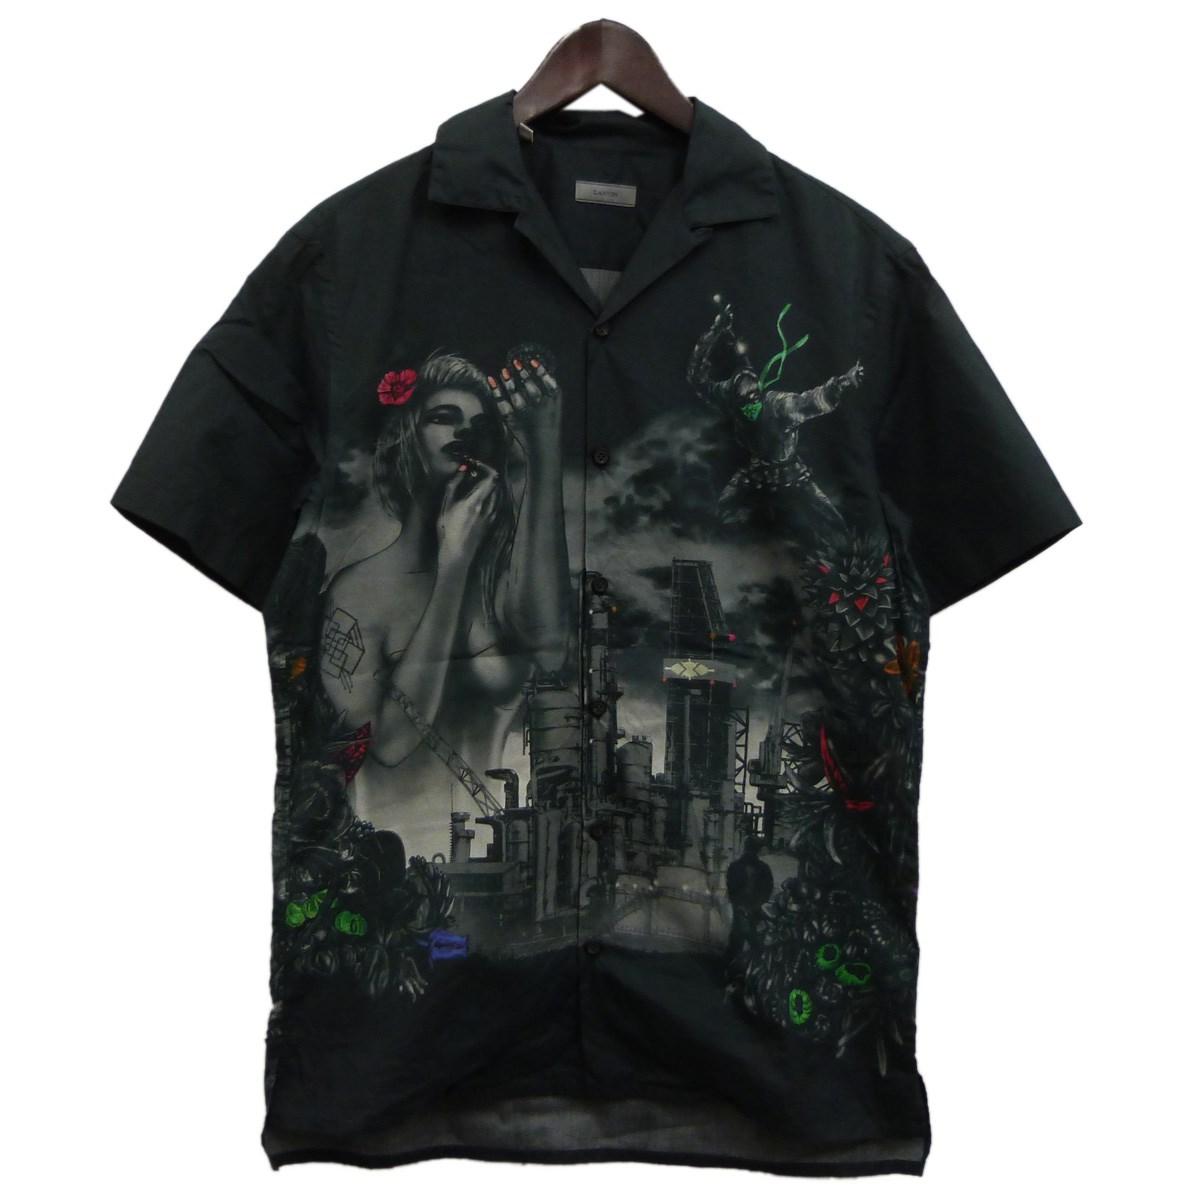 【中古】LANVIN オープンカラー半袖シャツ グレー サイズ:36/14 【200420】(ランバン)